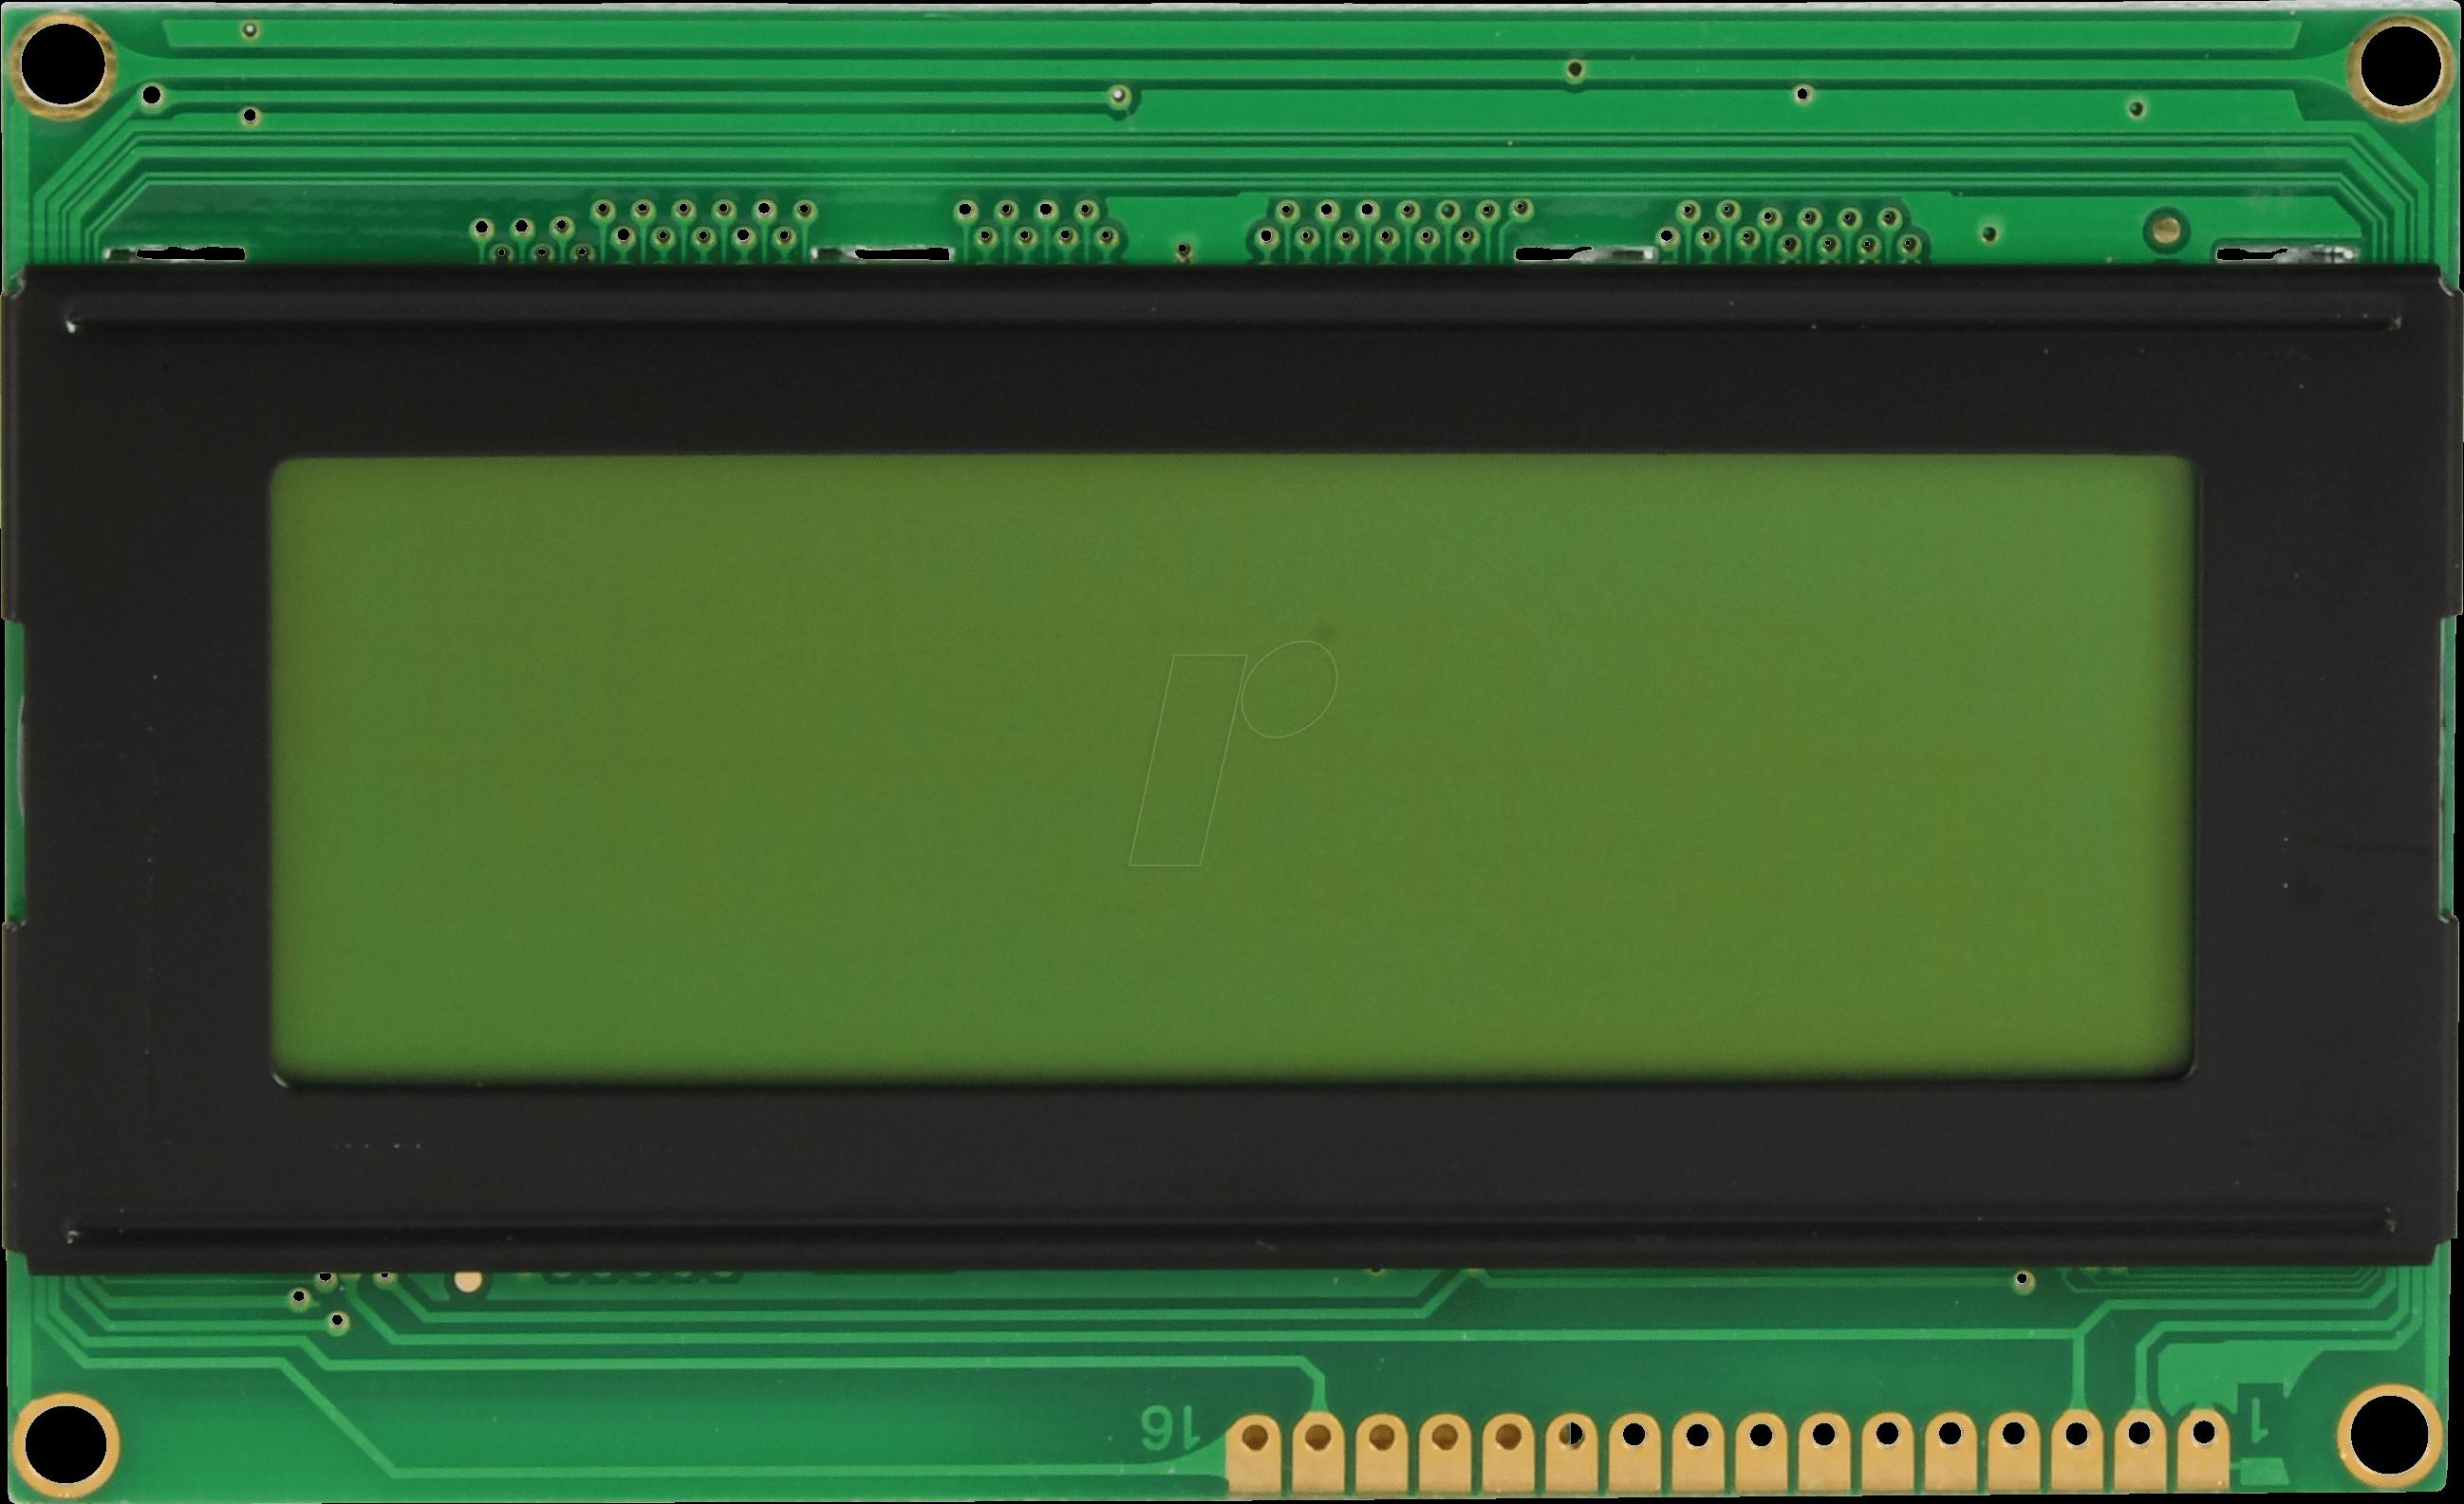 https://cdn-reichelt.de/bilder/web/xxl_ws/A500/LCD-PM_4X20-5_A.png